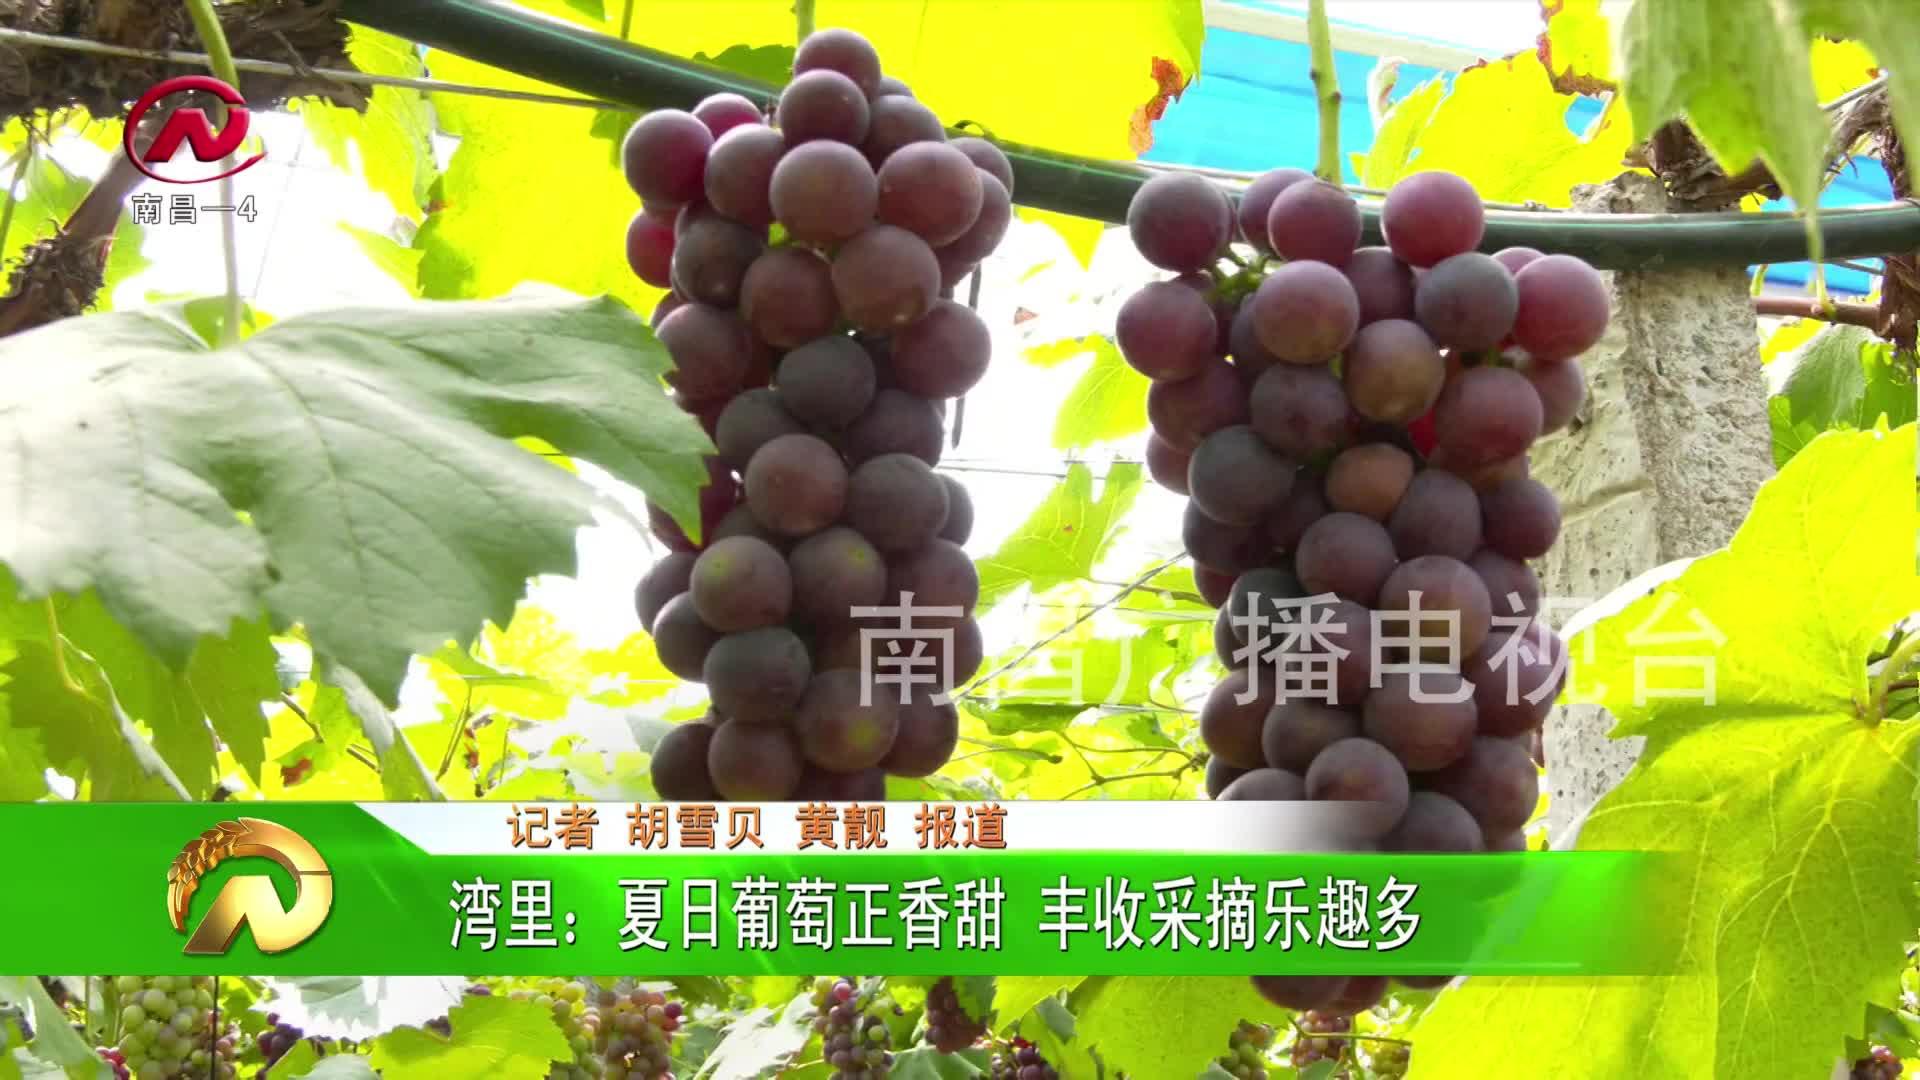 【豫章农视】湾里:夏日葡萄正香甜 丰收采摘乐趣多